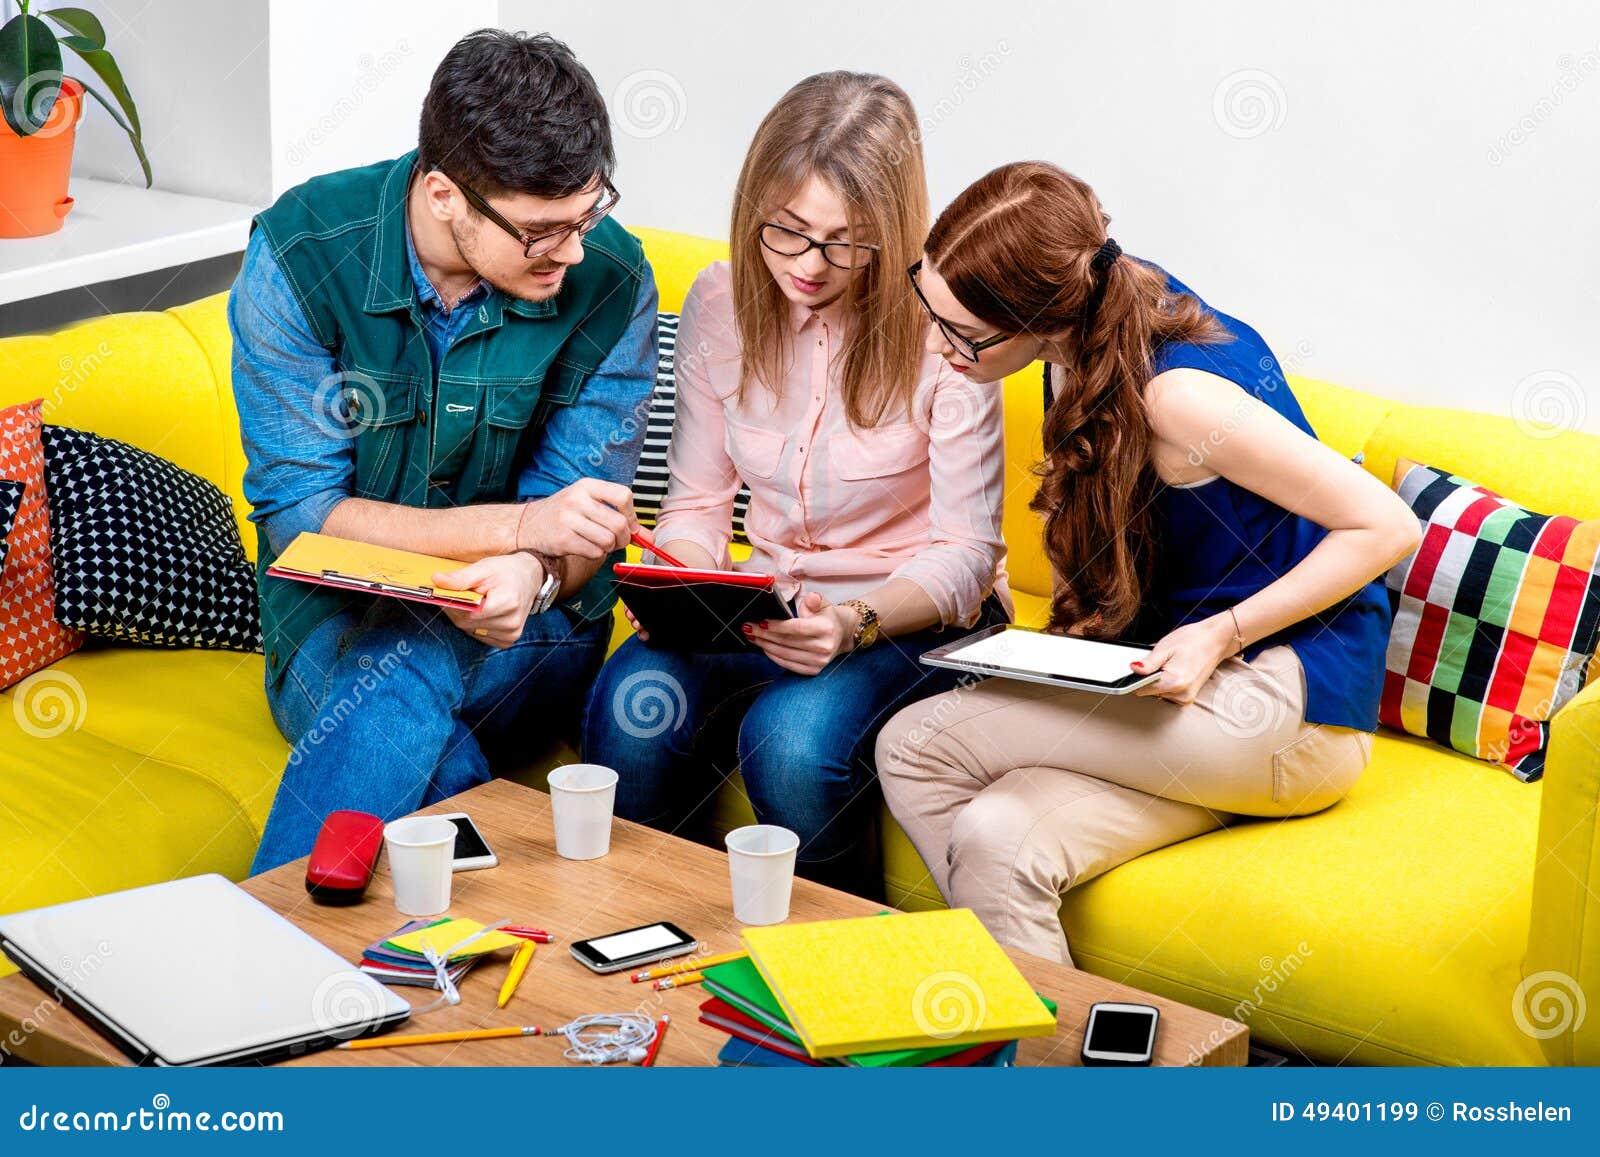 Download Studenten, Die An Der Couch Arbeiten Stockbild - Bild von sitting, ausbildung: 49401199